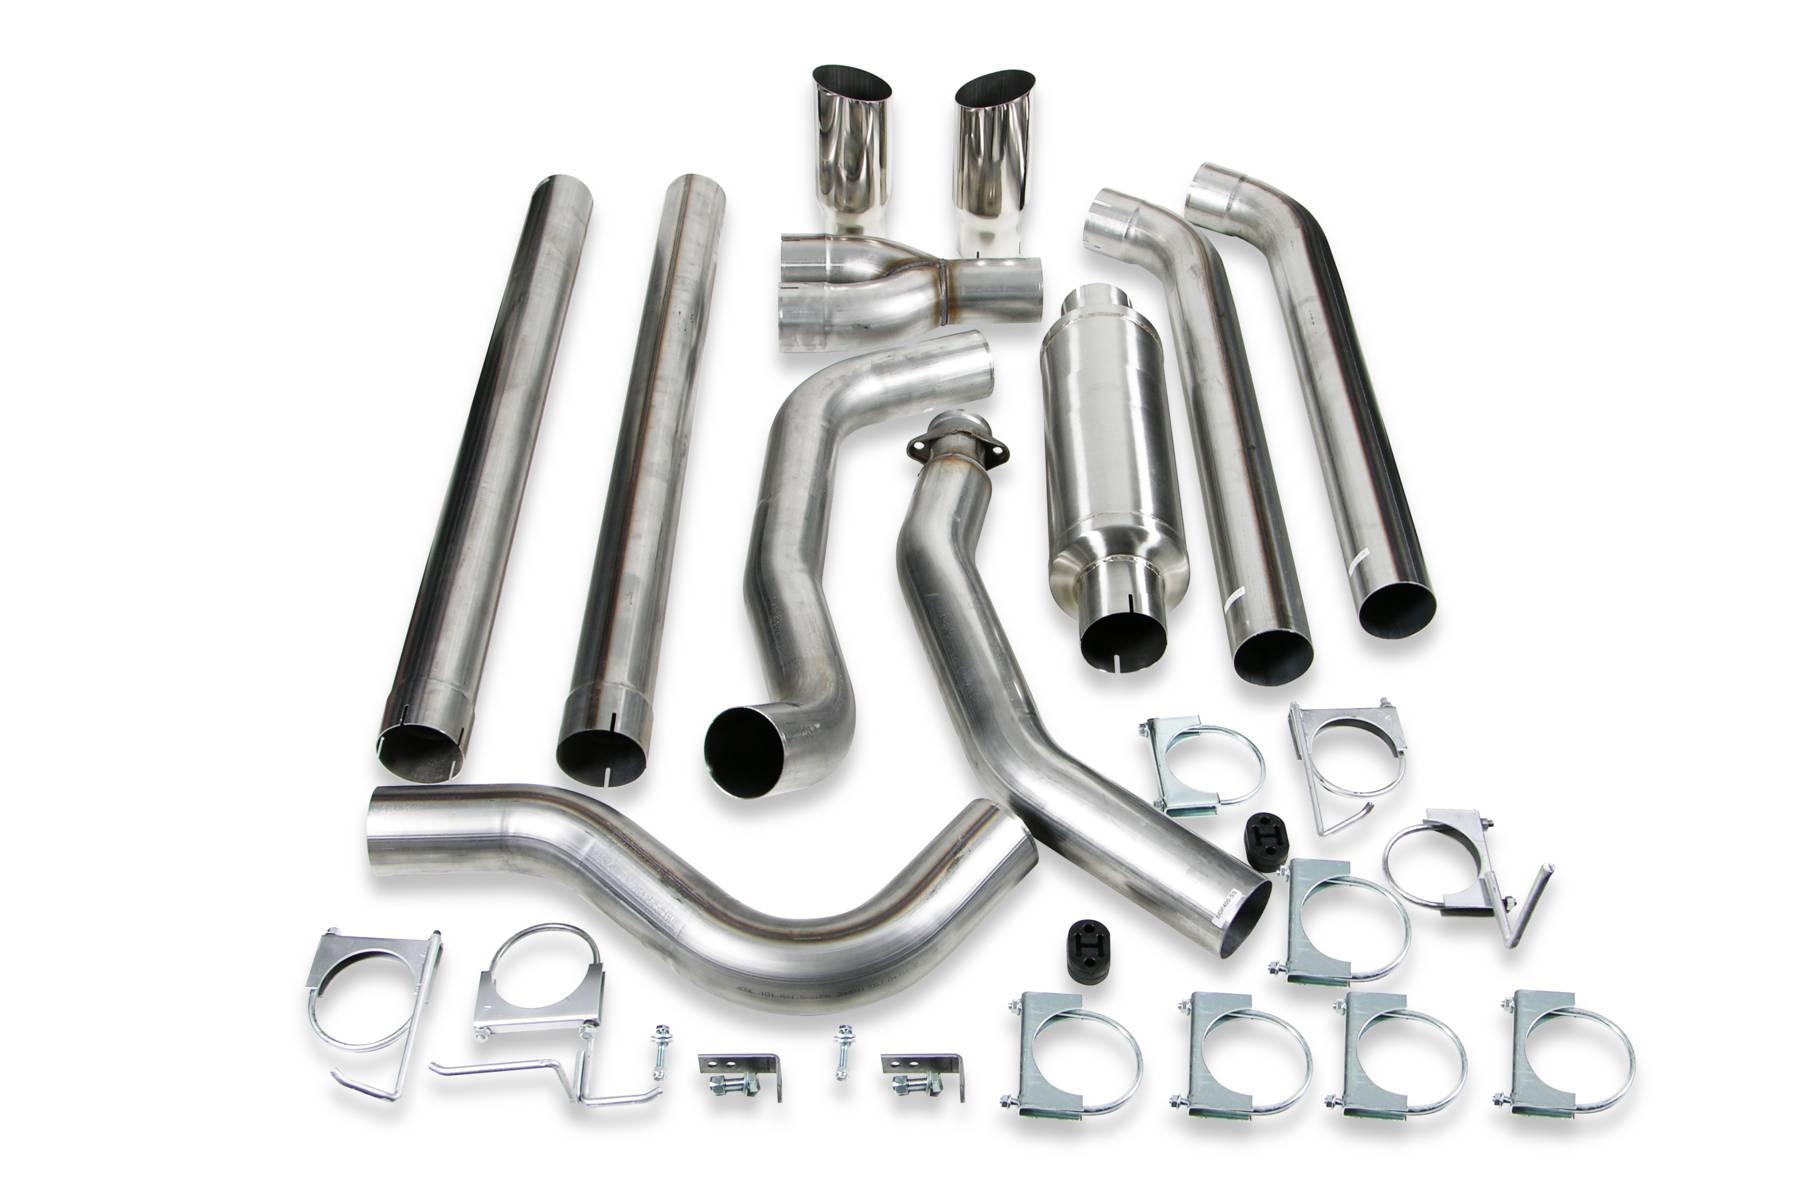 93 Silverado Fuel Filter